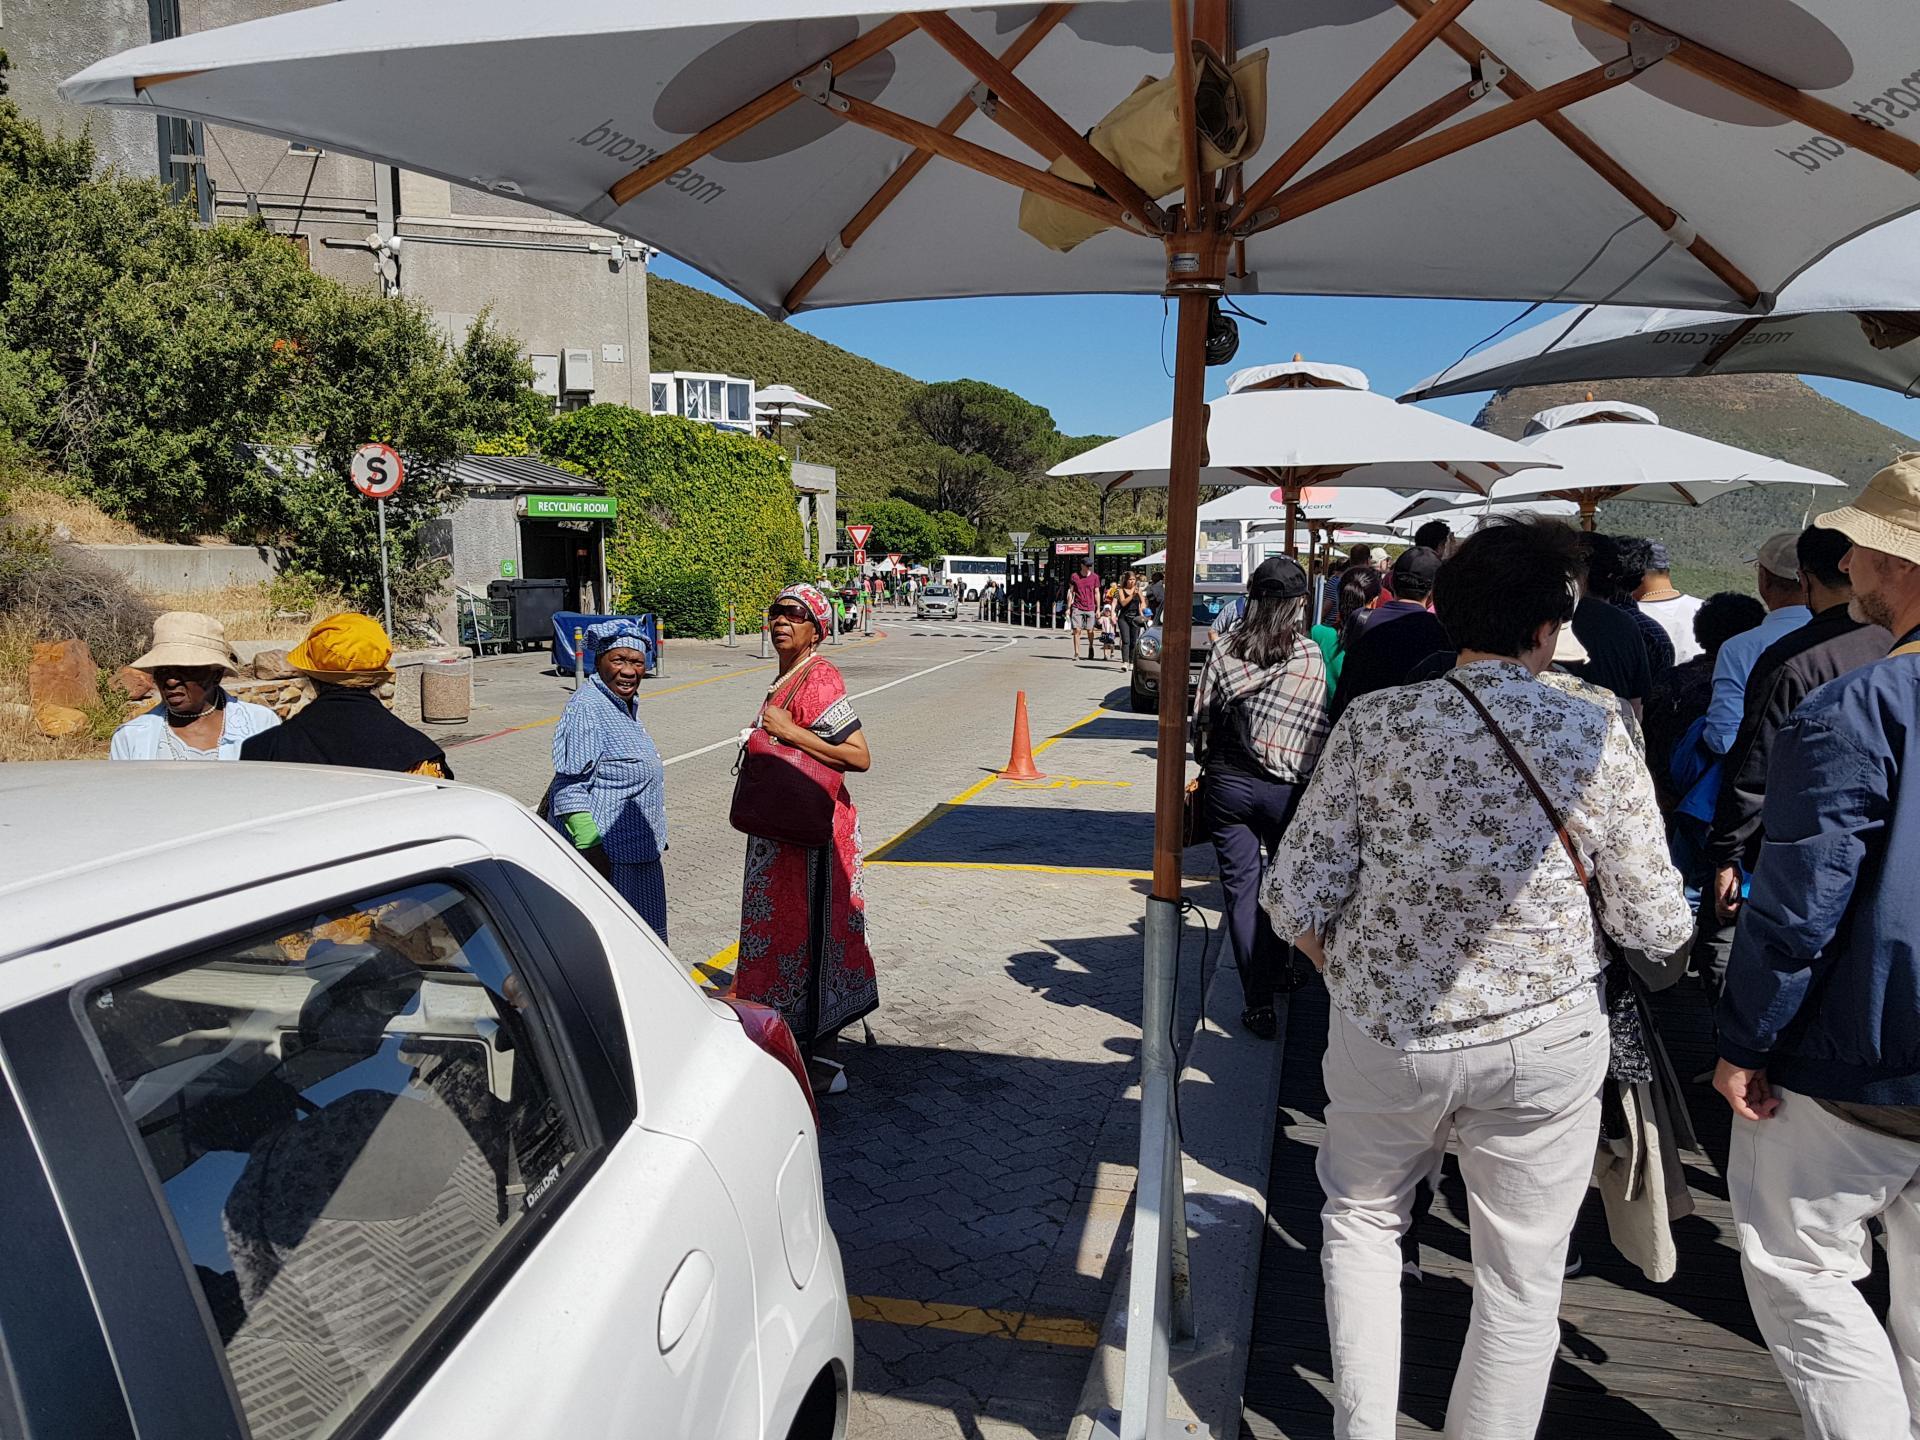 очередь к фуникулеру у Столовой горы в Кейптауне